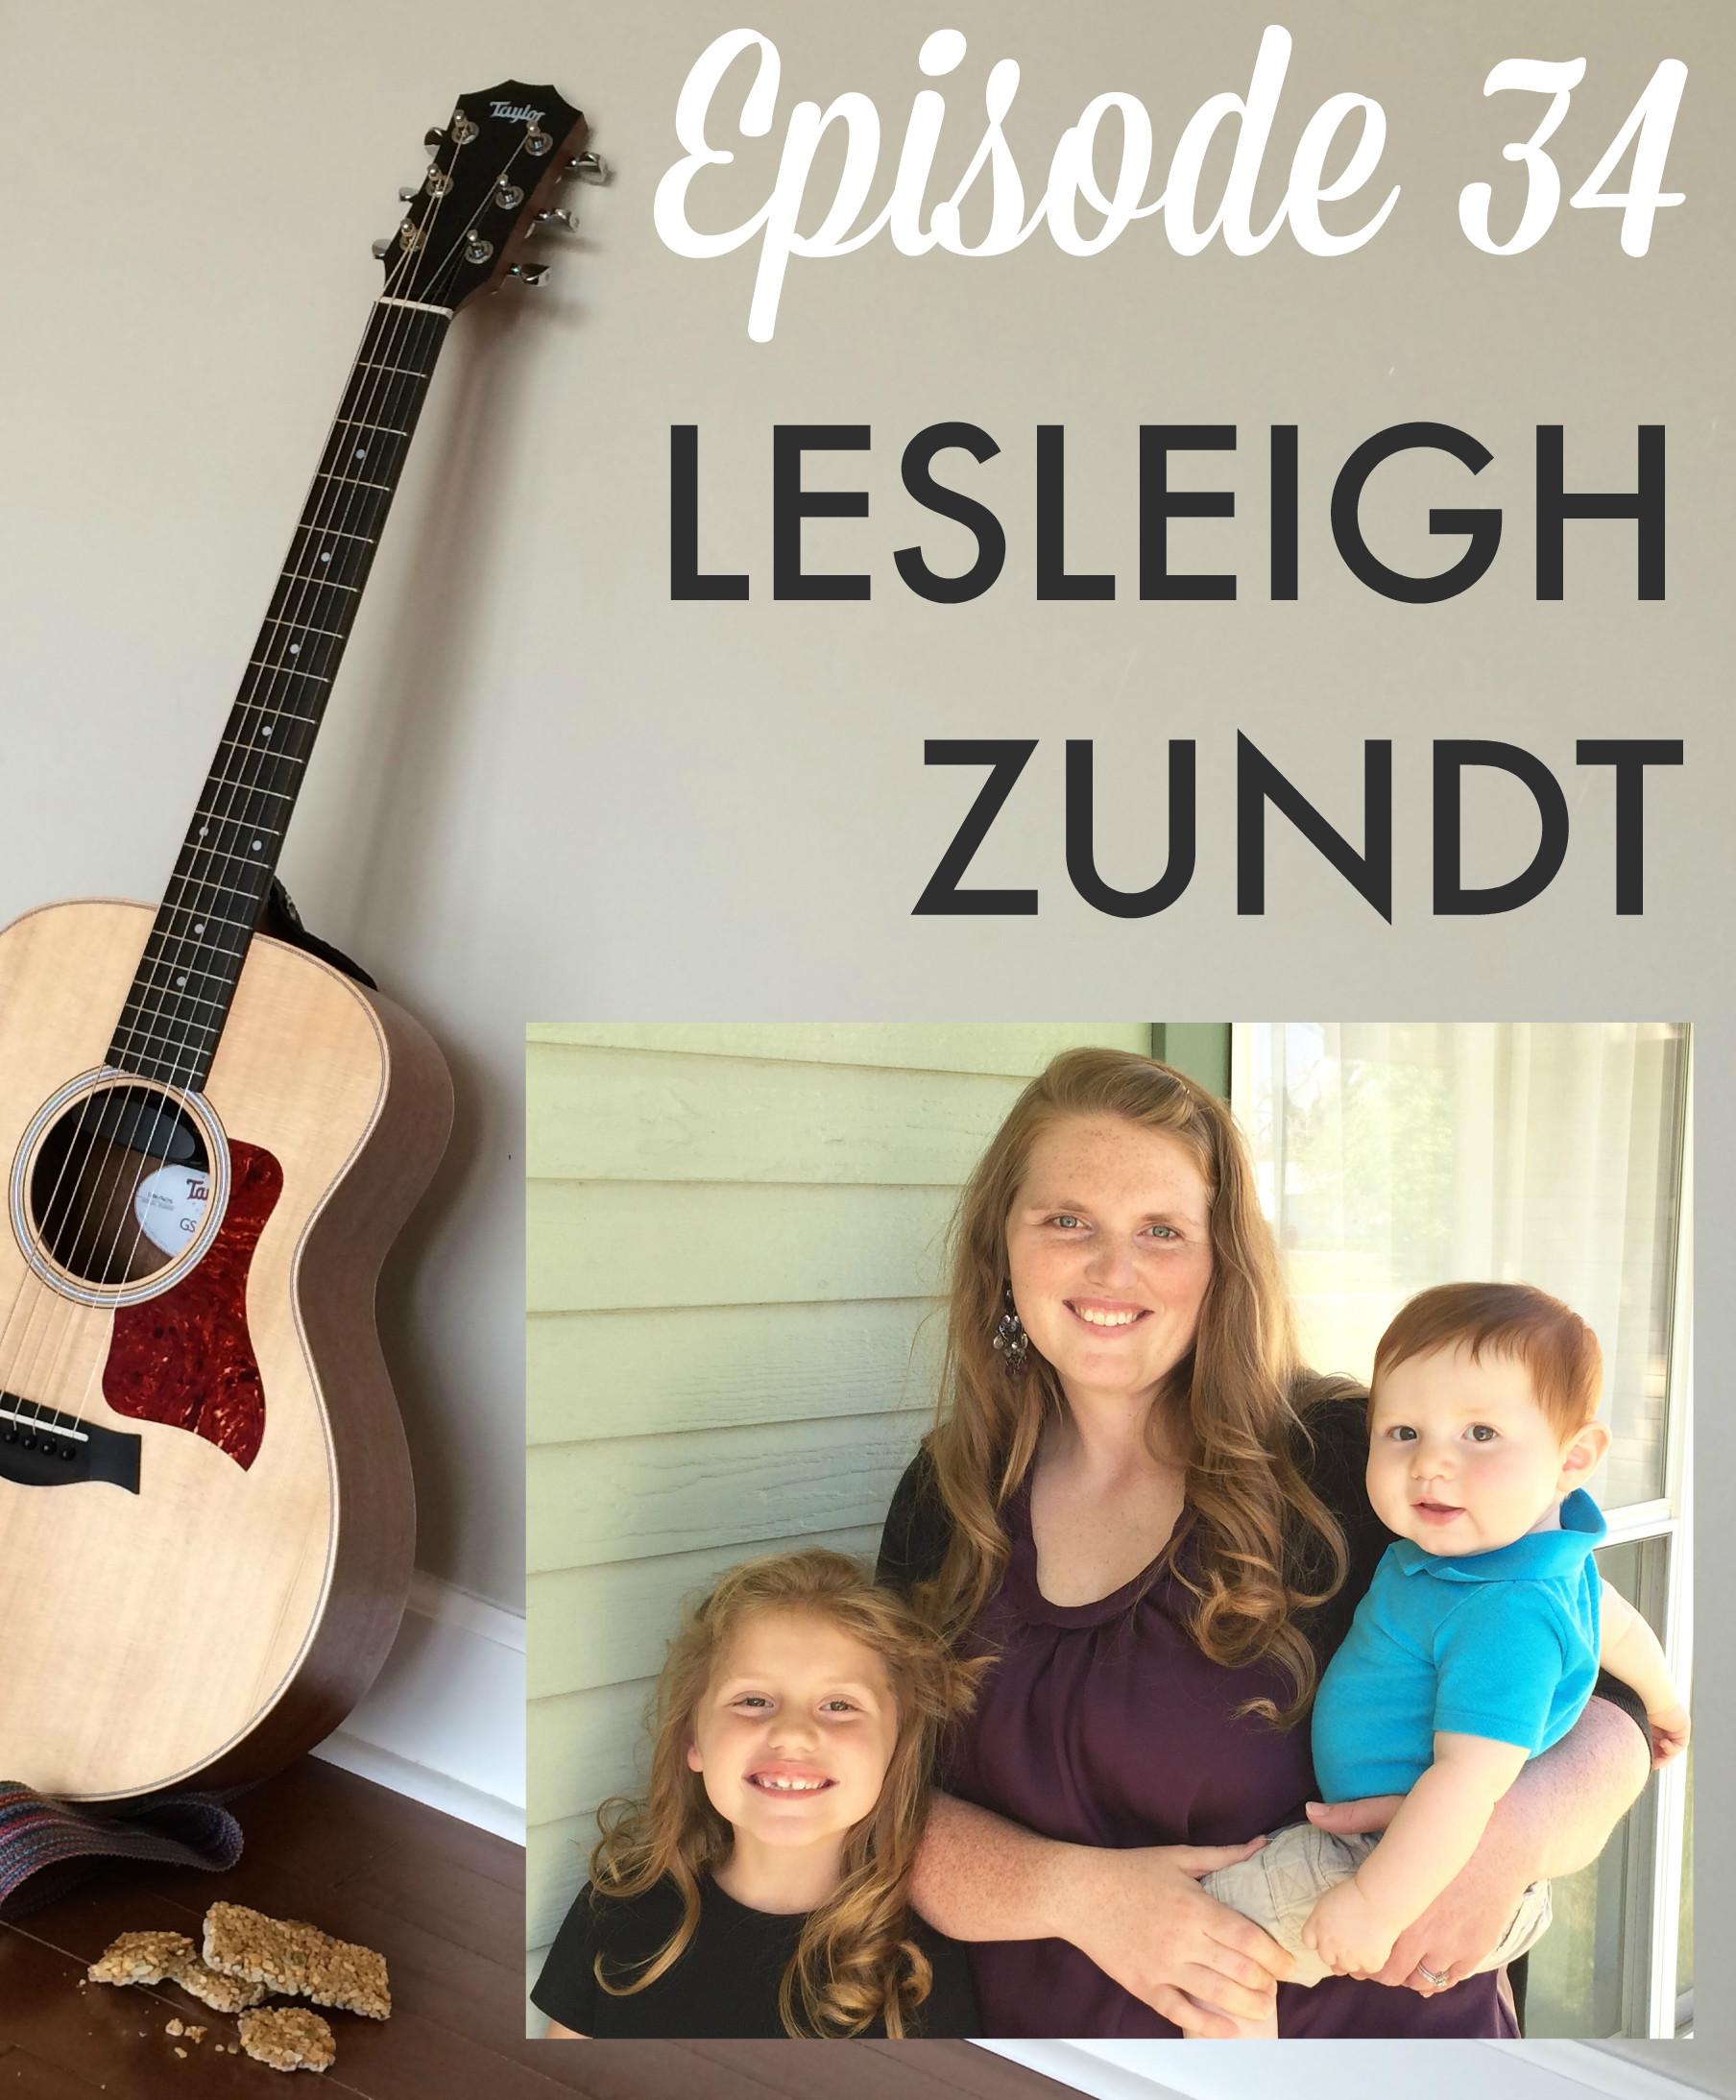 GGB Episode 34: Lesleigh Zundt